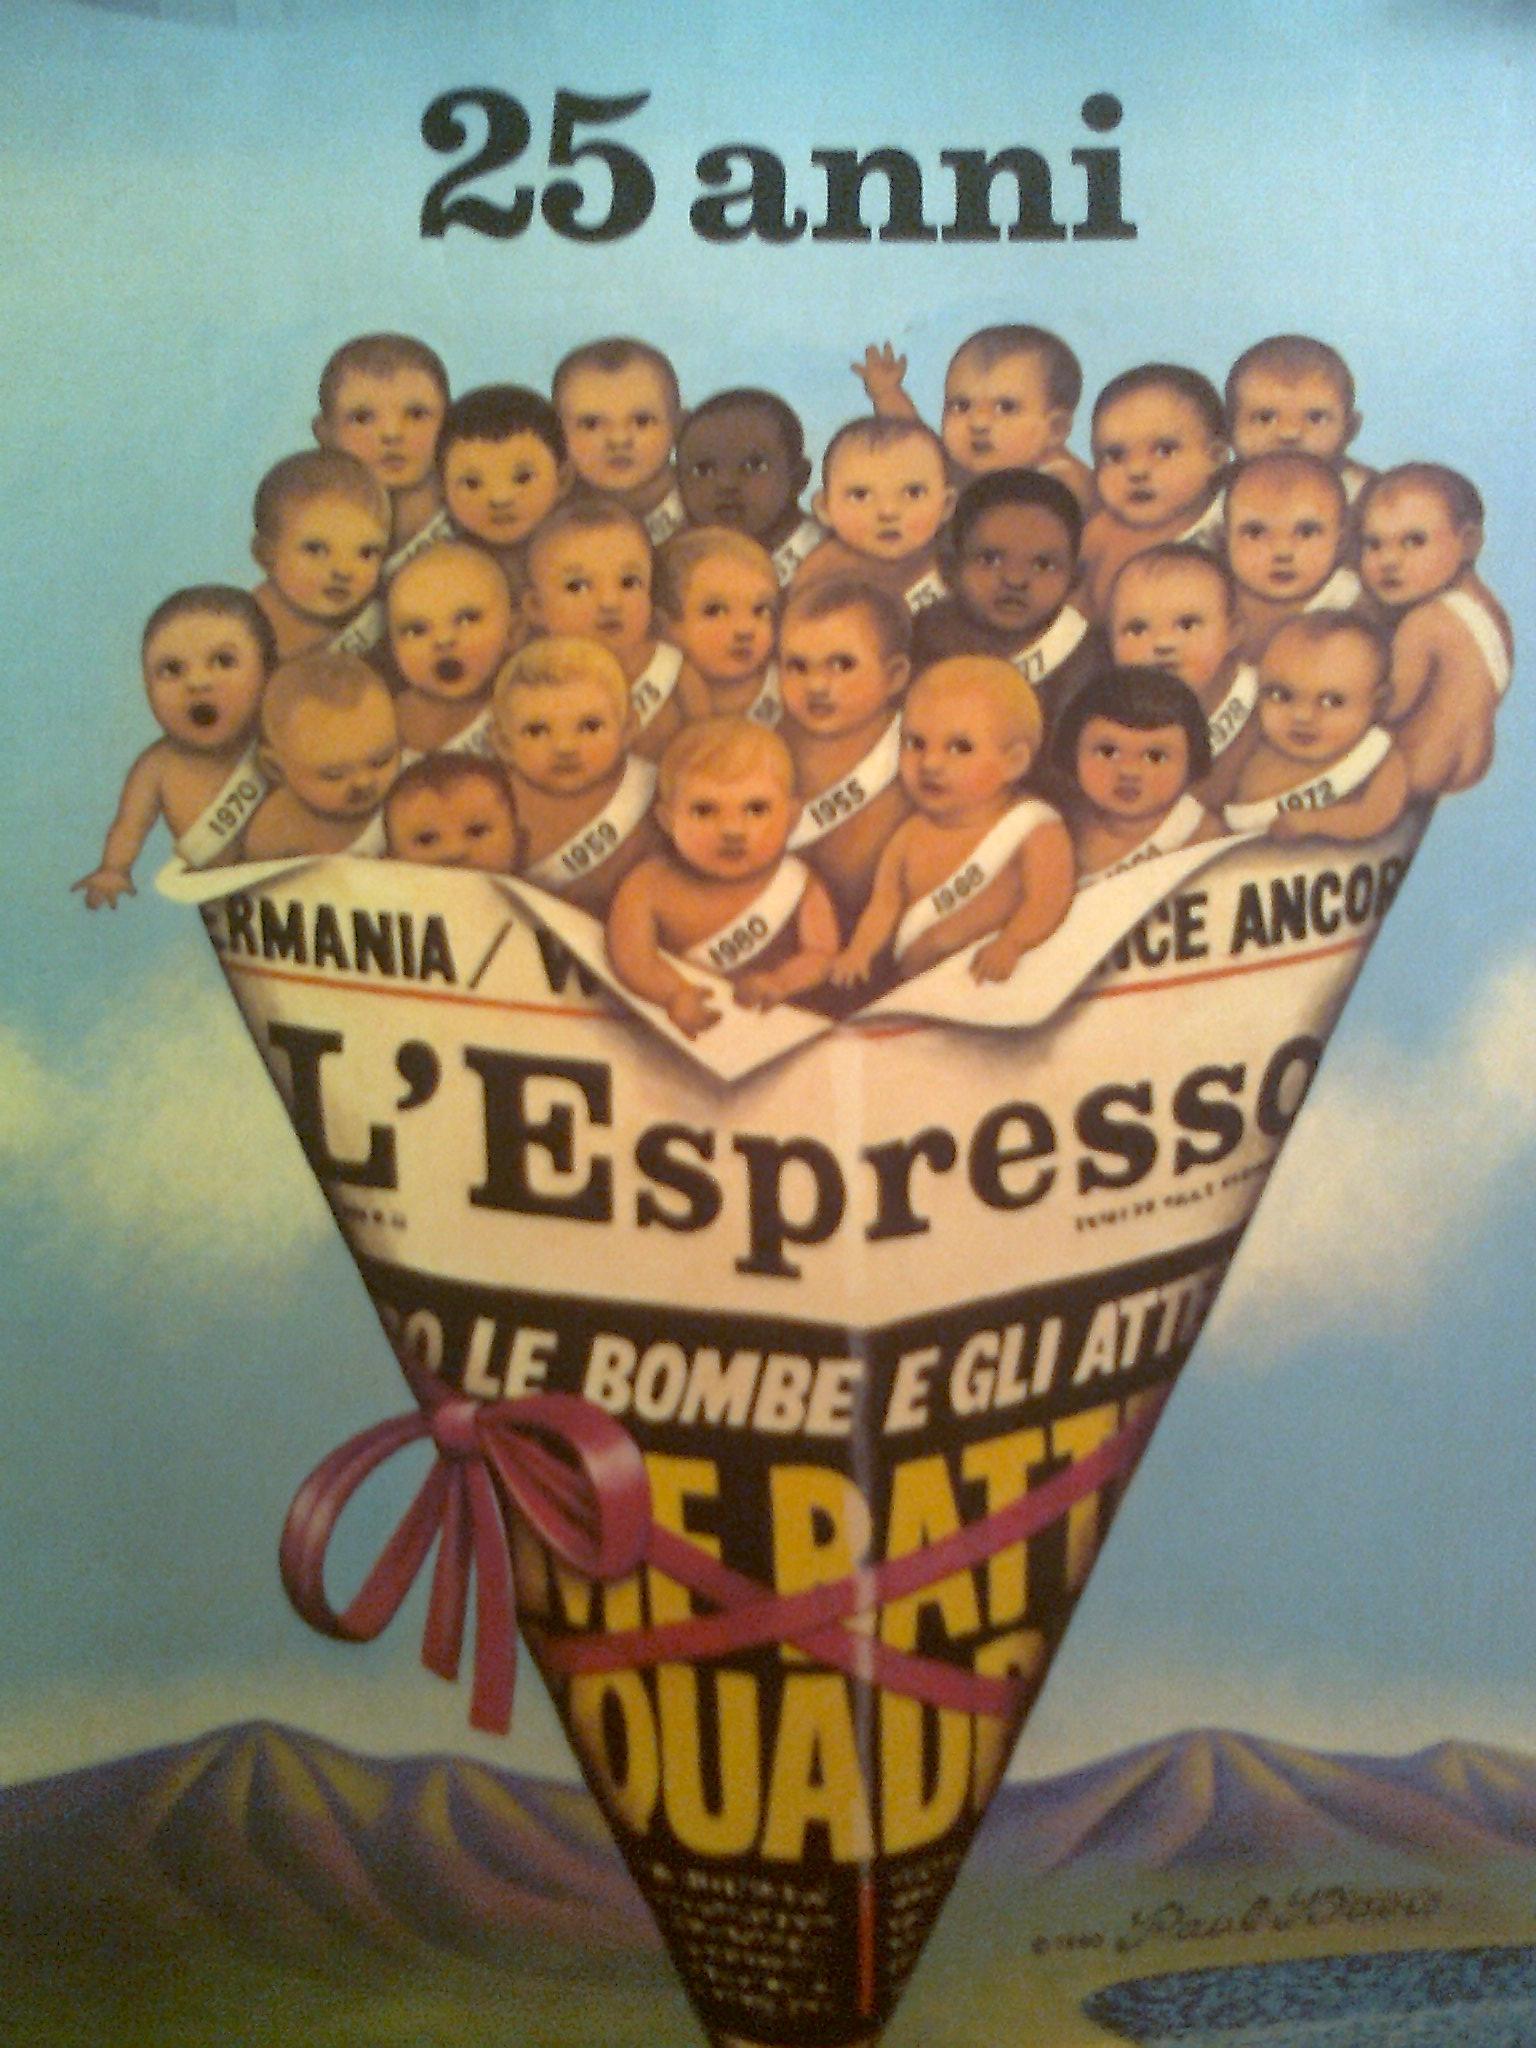 L'Espresso 1955 - 1980